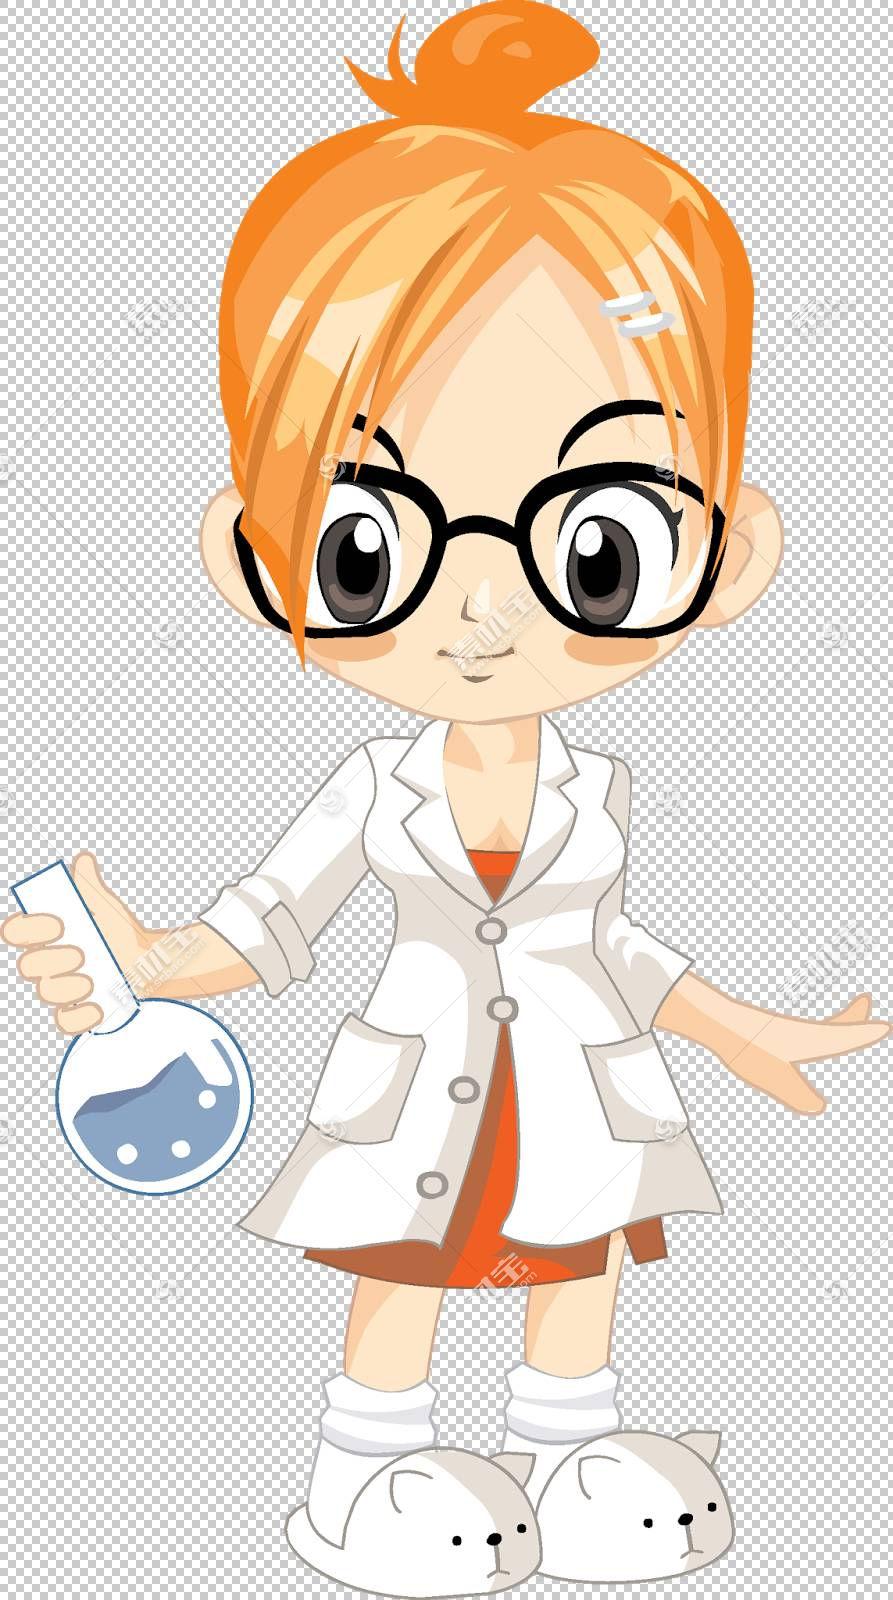 实验室科学化学,卡通人物PNG剪贴画孩子,手,男孩,人类,卡通,虚构